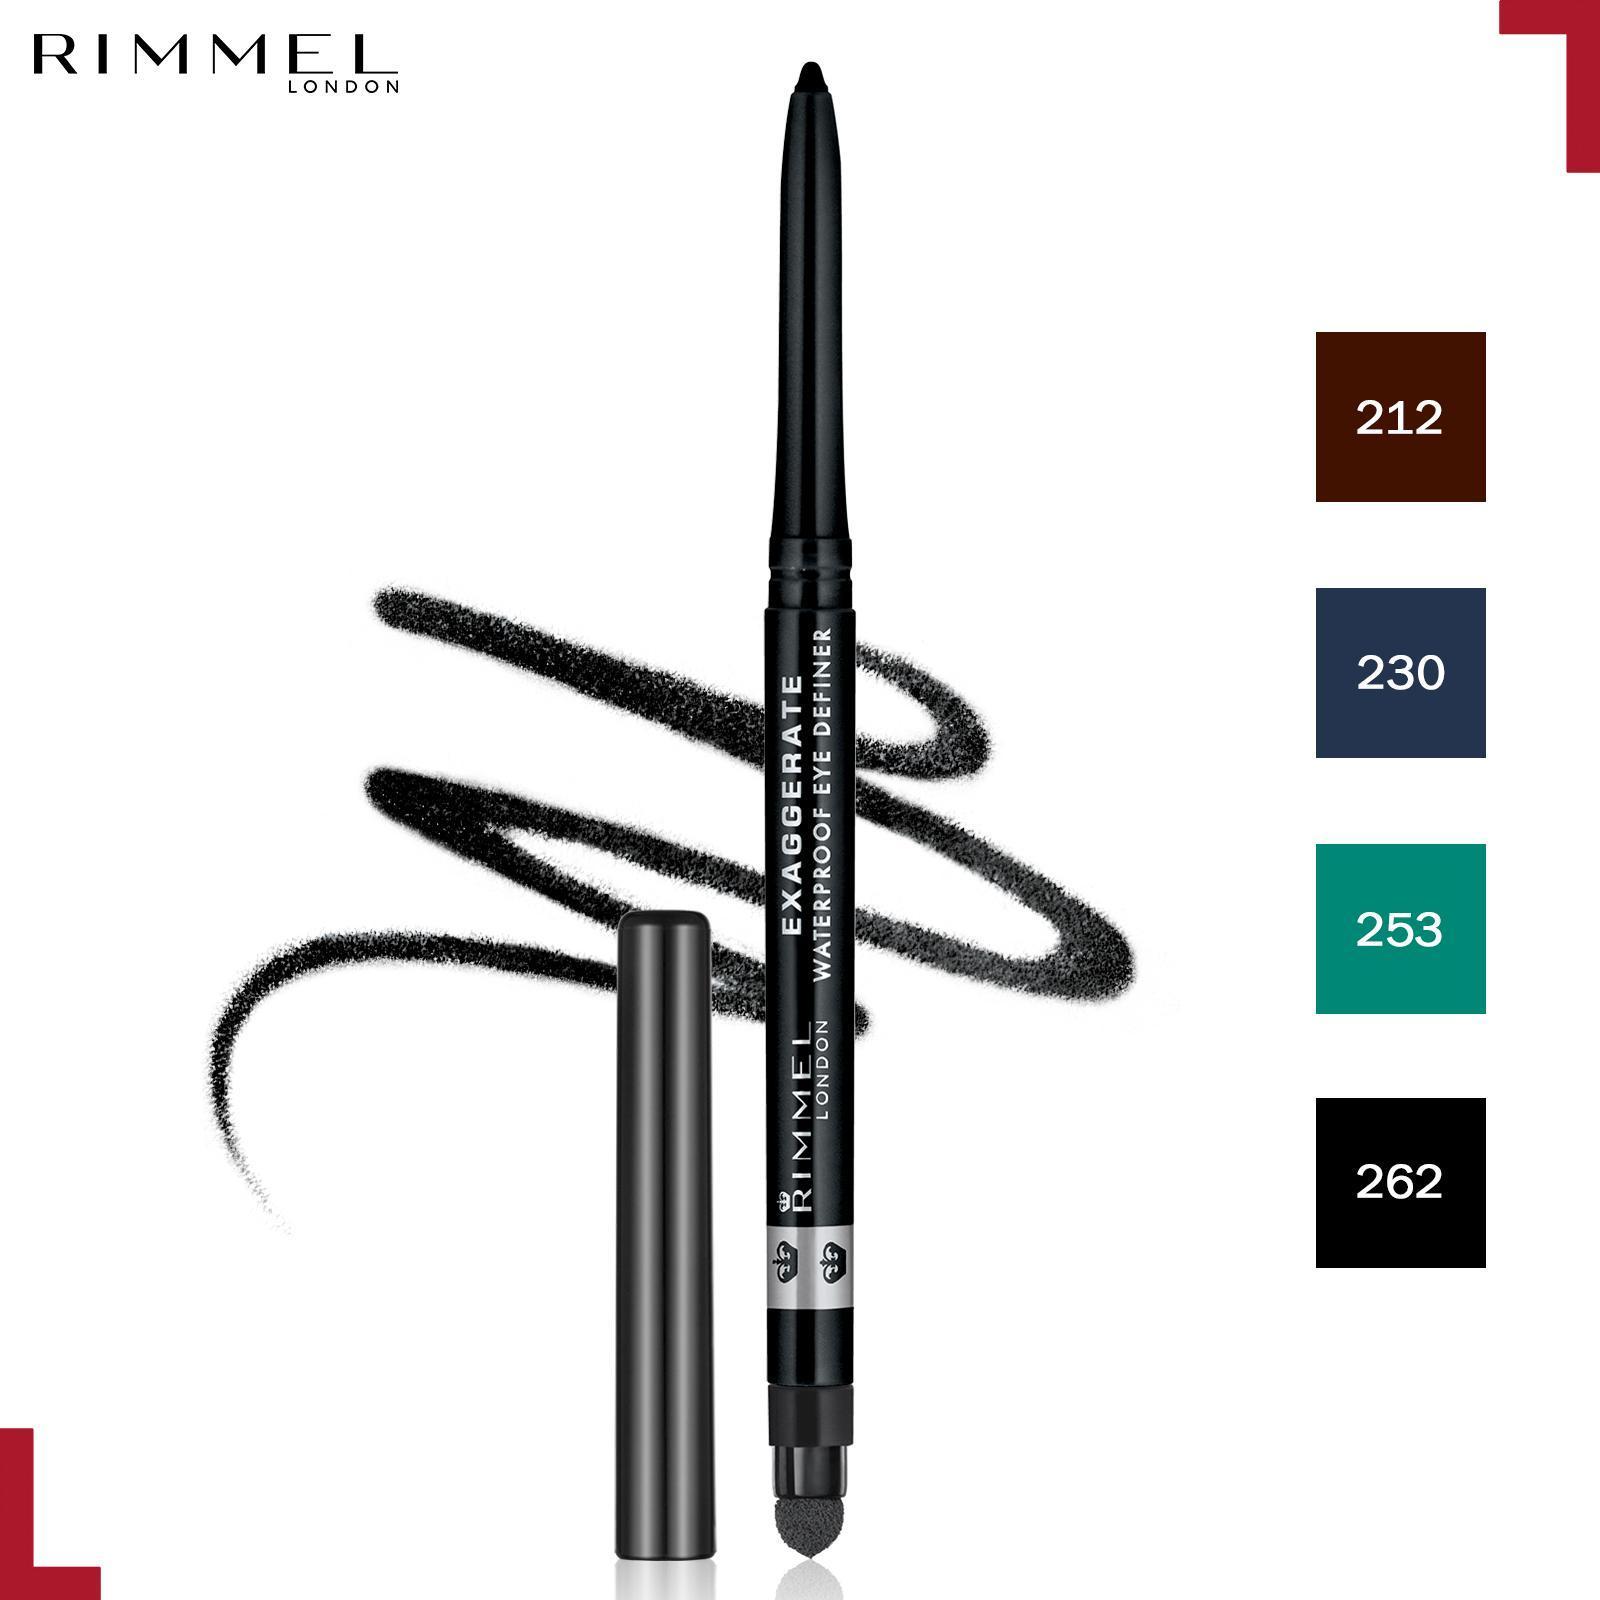 Rimmel Exaggerate Waterproof Eye Definer 262- Blackest Black